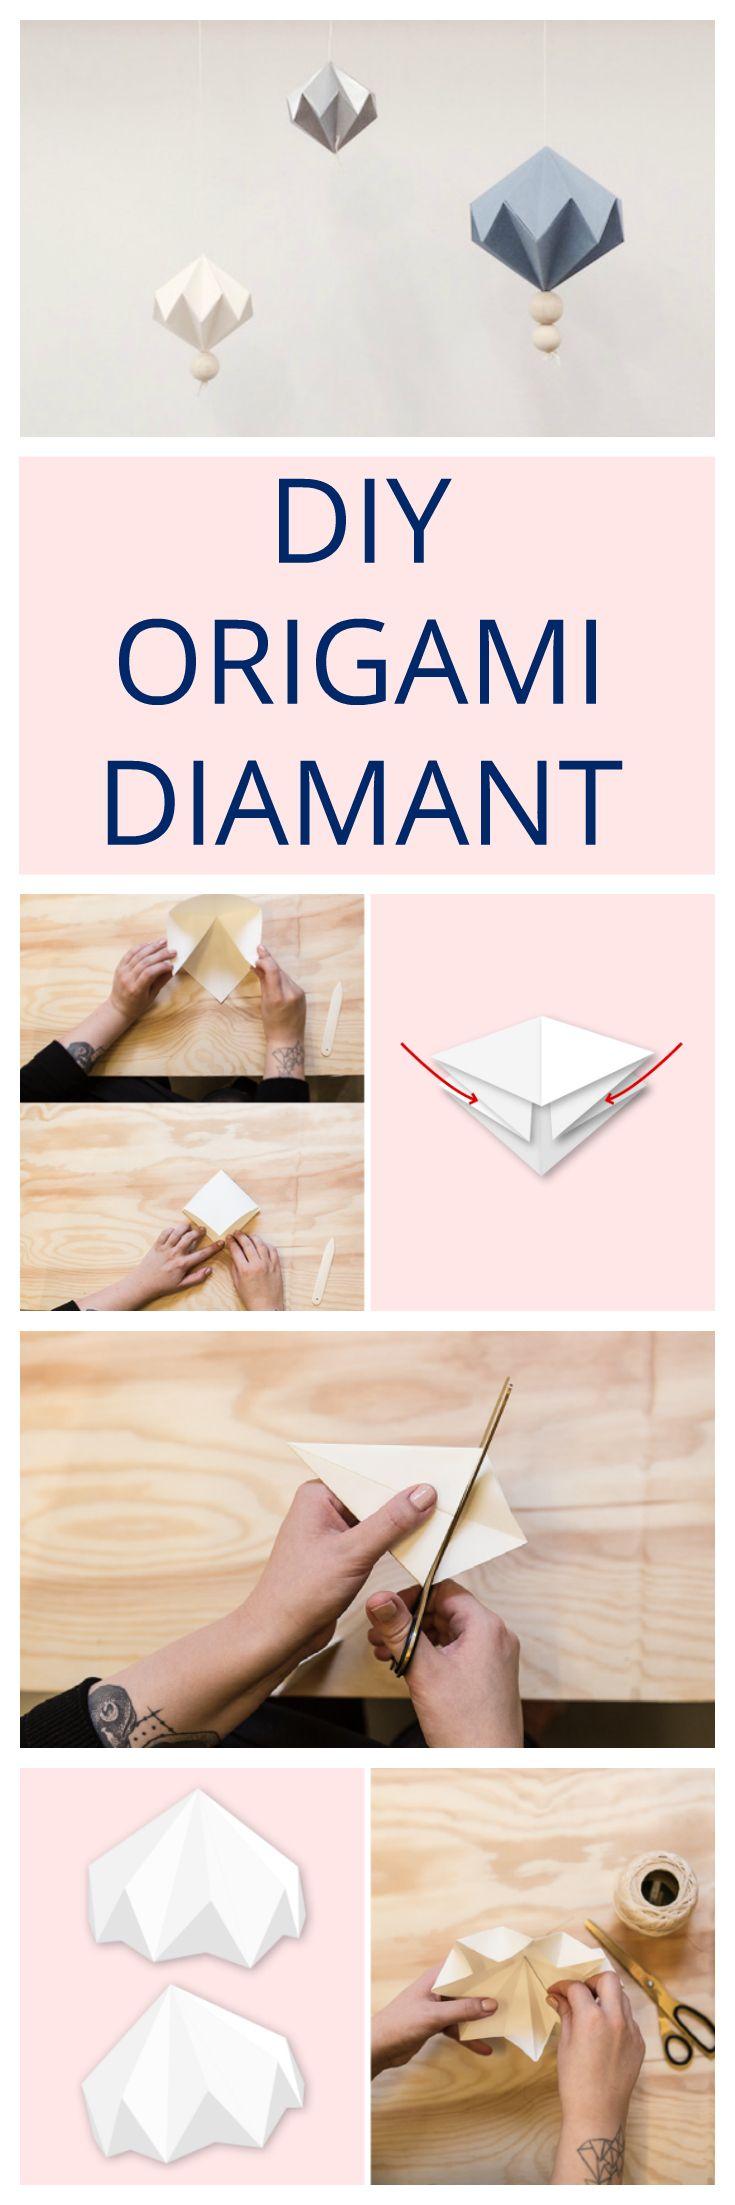 Einfache Anleitung für wunderschöne Papierdeko - Origami Papierdiamant - Papierornament